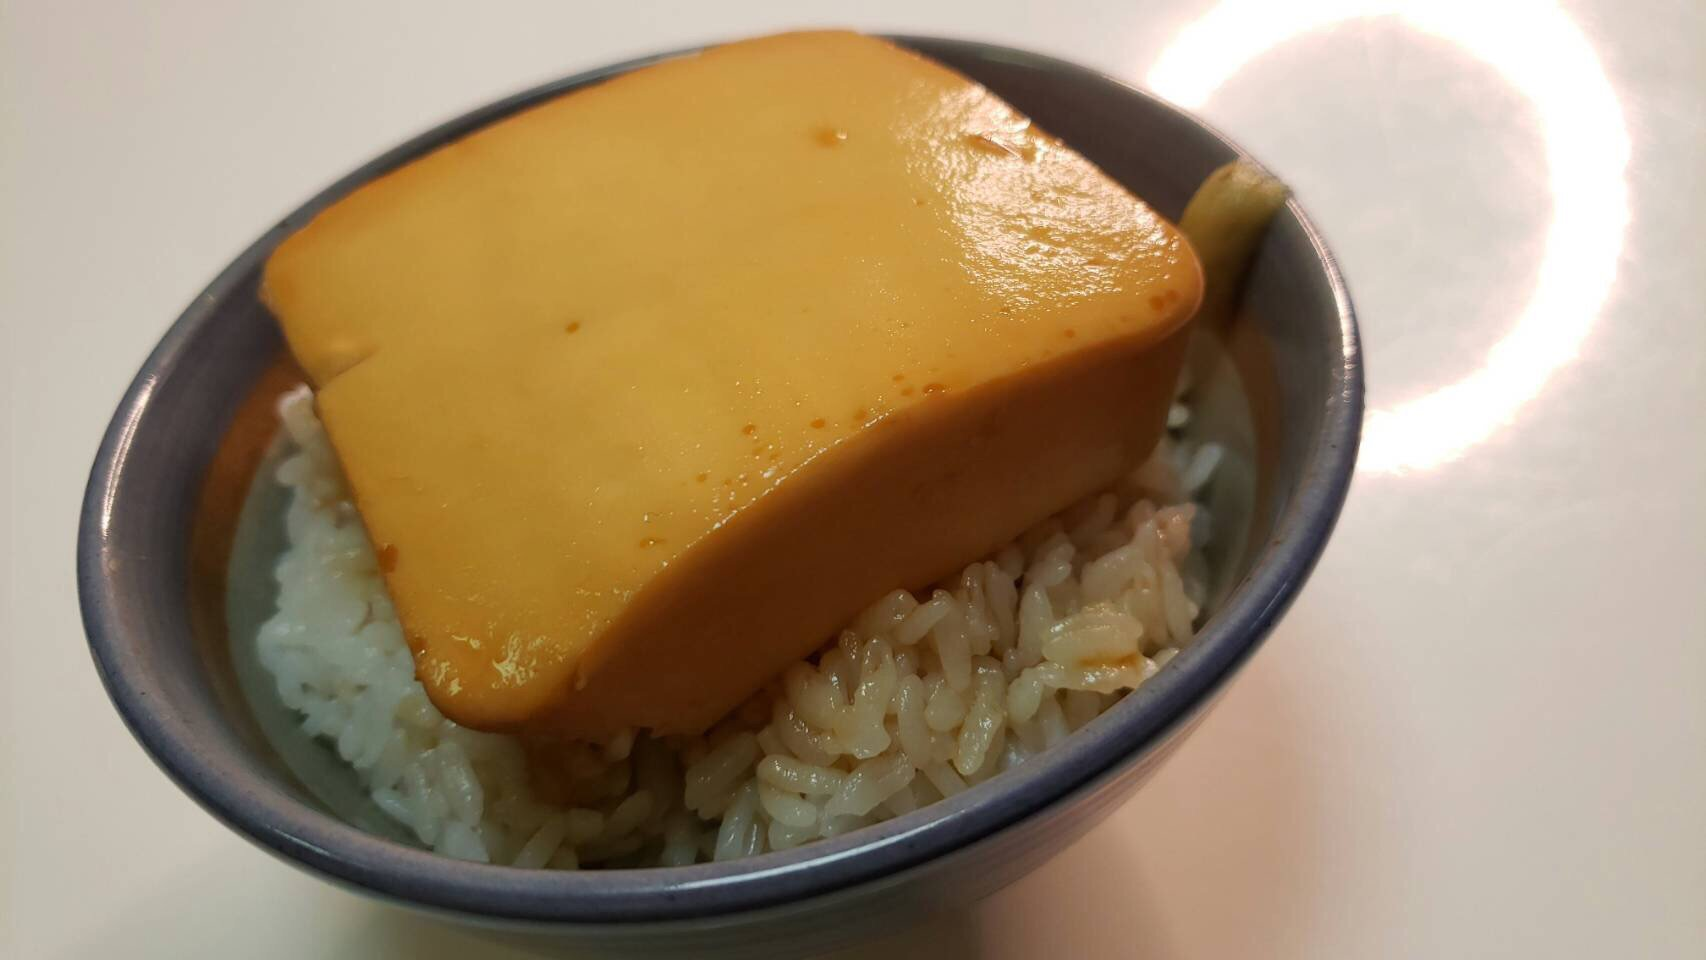 ライオンからのレシピ開発で最強のズボラ飯が爆誕してしまった…火も包丁も不要 「即席とうめし」 リードクッキングペーパーに絹豆腐150gを包み、めんつゆ大3半、水大1を混ぜたものをかけ、600w5分チンし取り出し5分ほどあら熱をとる ご飯にのせ残ったタレをかけ、わさびを添え完成! #PR